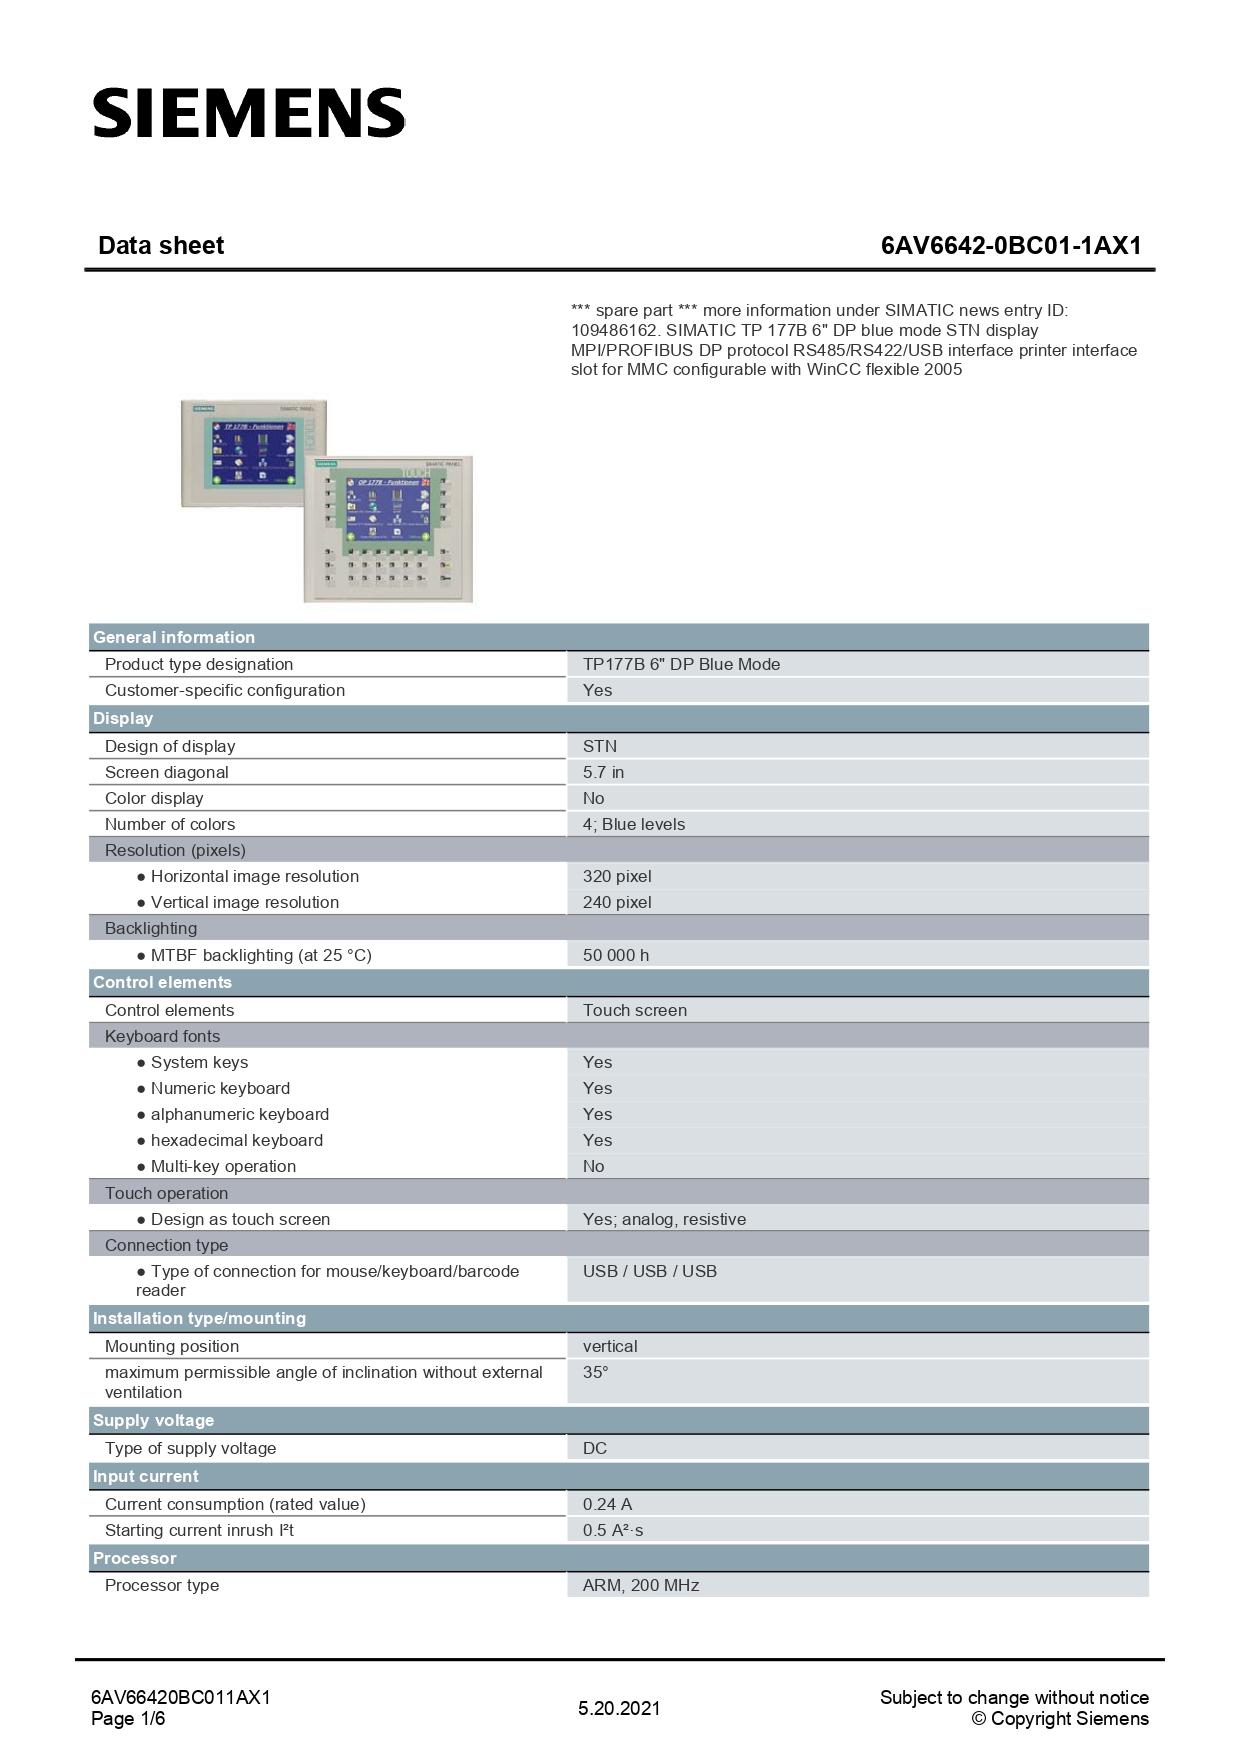 6AV66420BC011AX1_datasheet